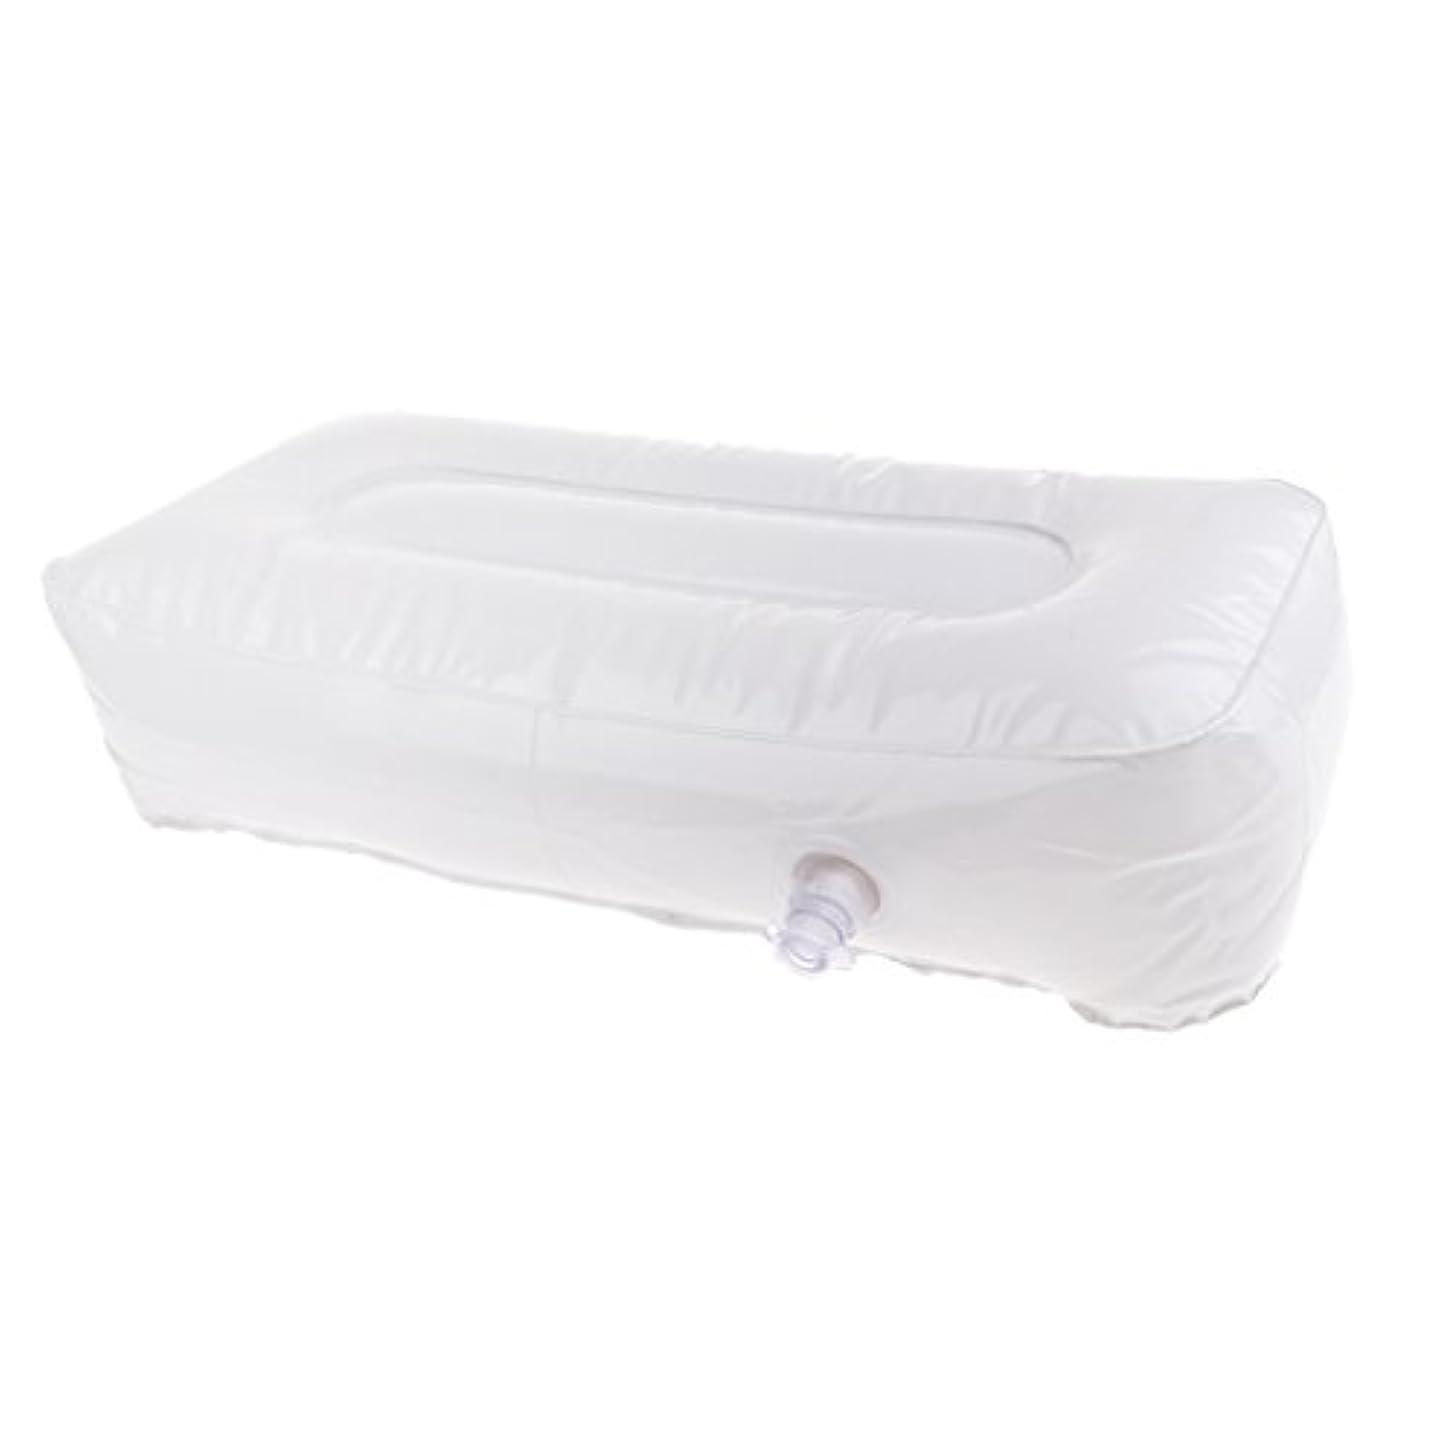 SM SunniMix エアーピロー 空気枕 超軽量 コンパクト 柔らかい 持ち運びやすい 旅行 キャンプ アウトドア ハイキング